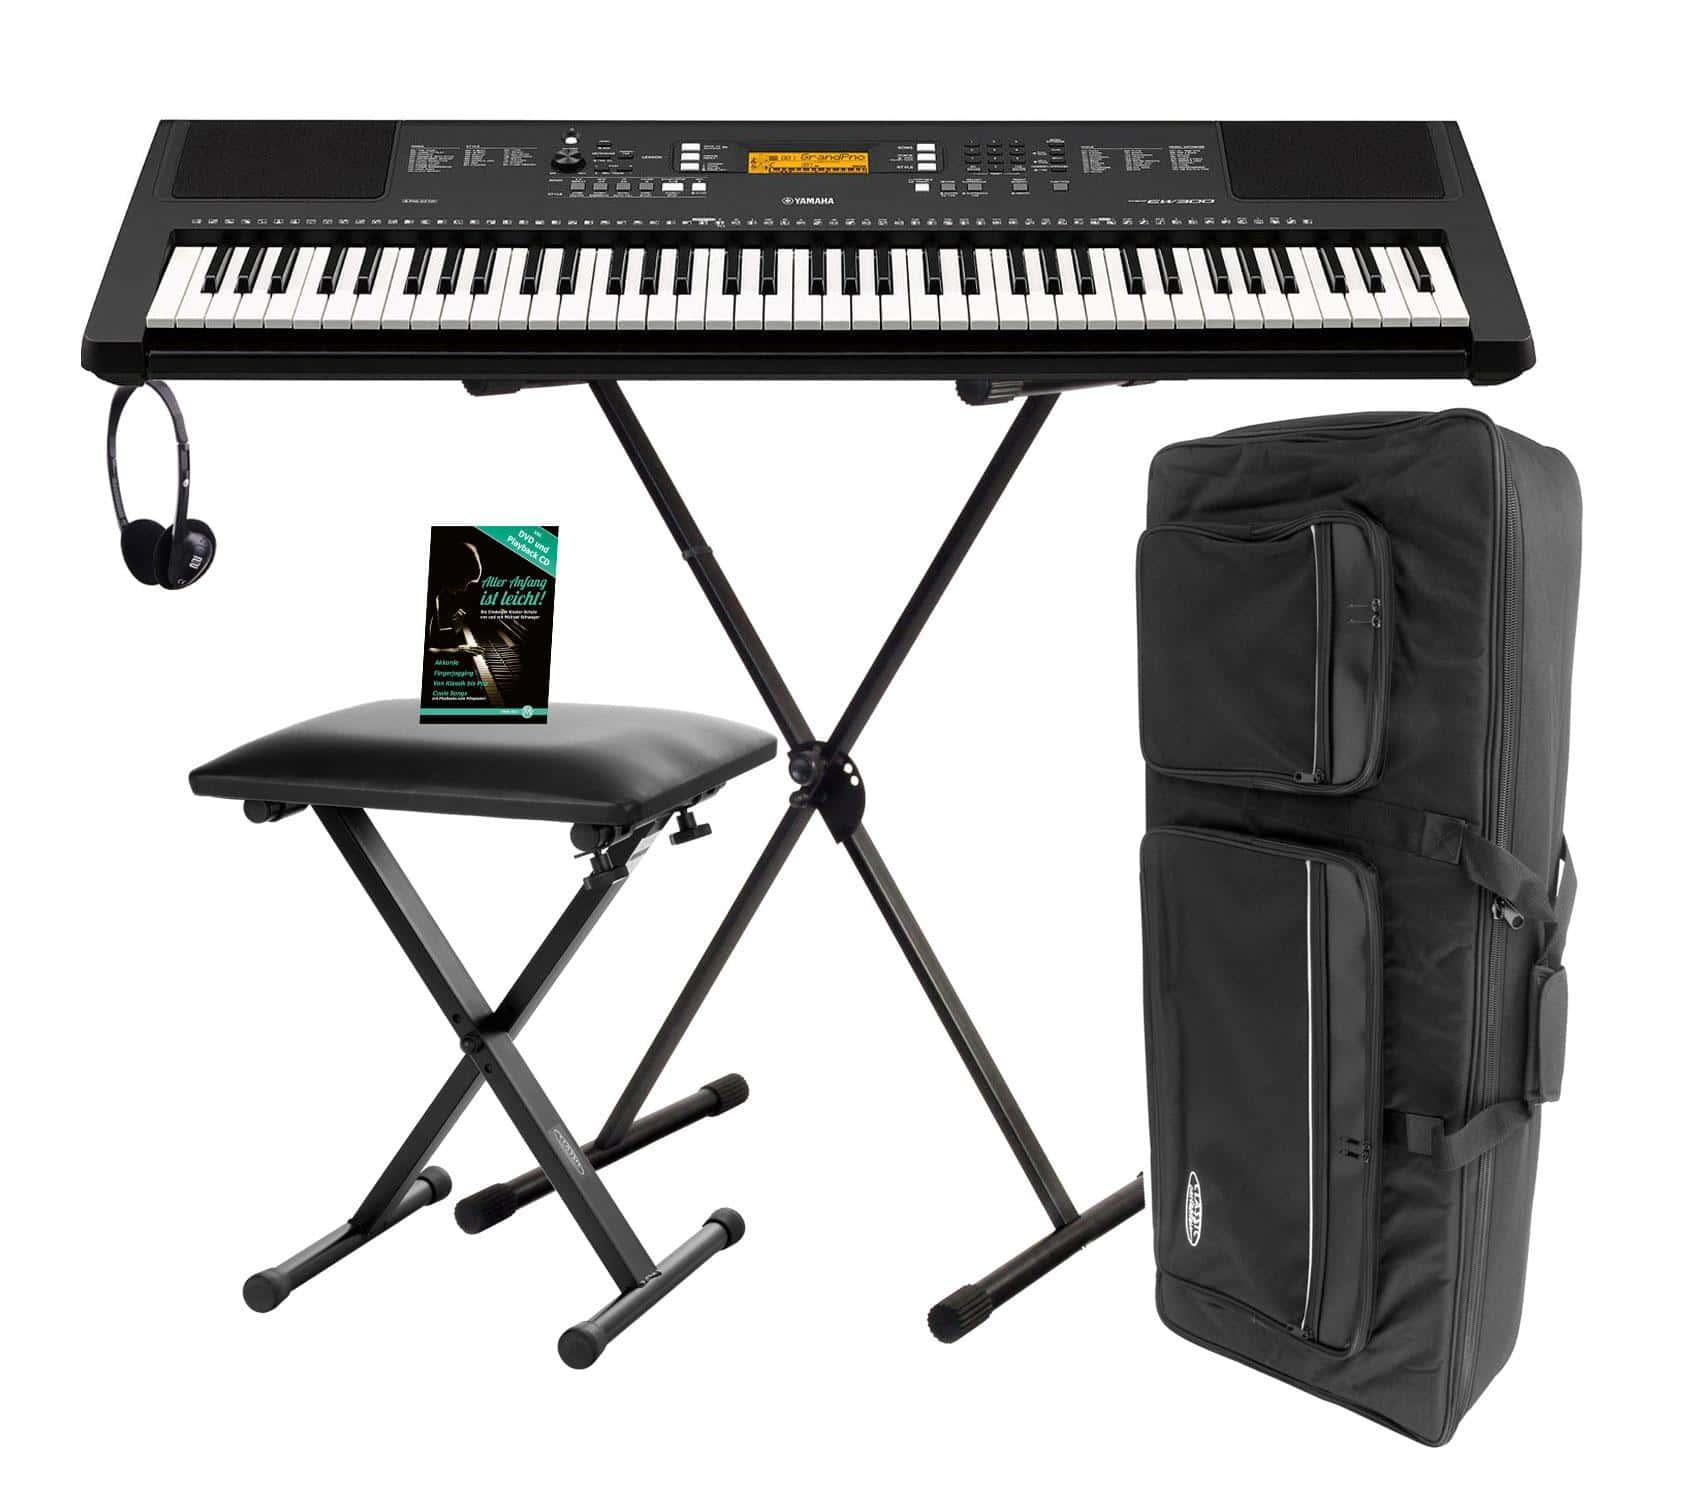 Yamaha keyboard 76 tasten for Yamaha psr ew300 keyboard